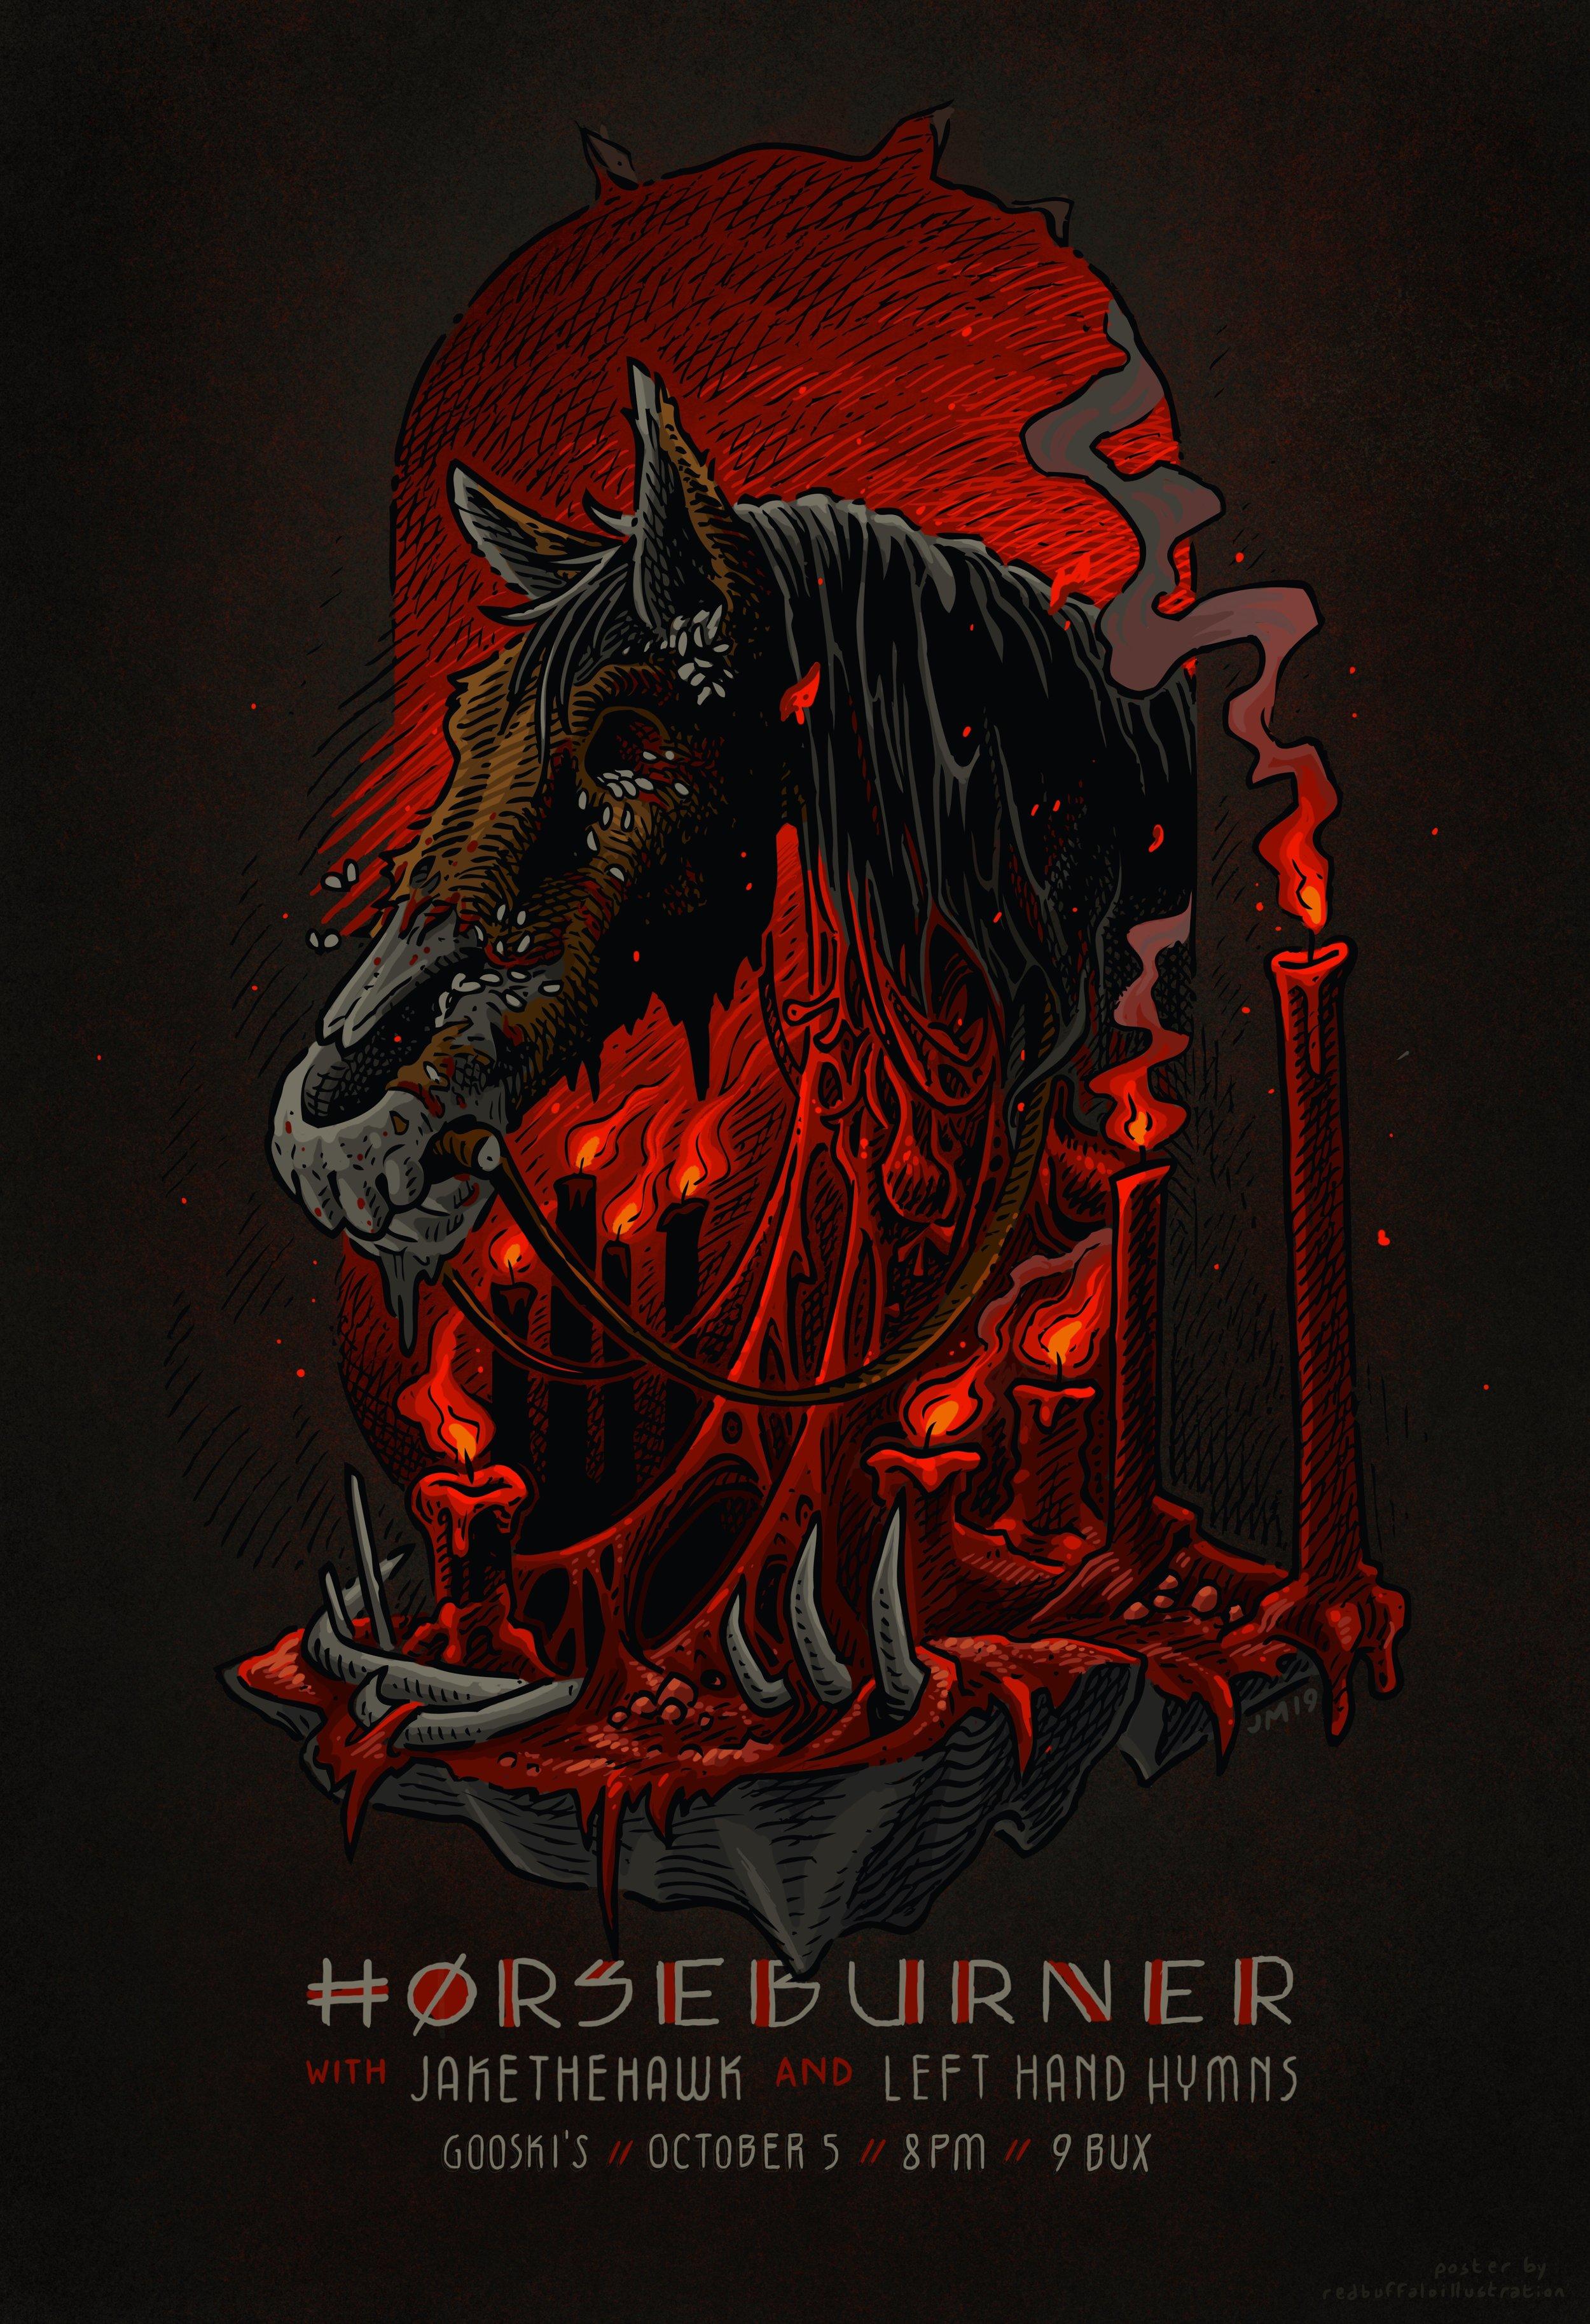 Horseburner poster.jpg